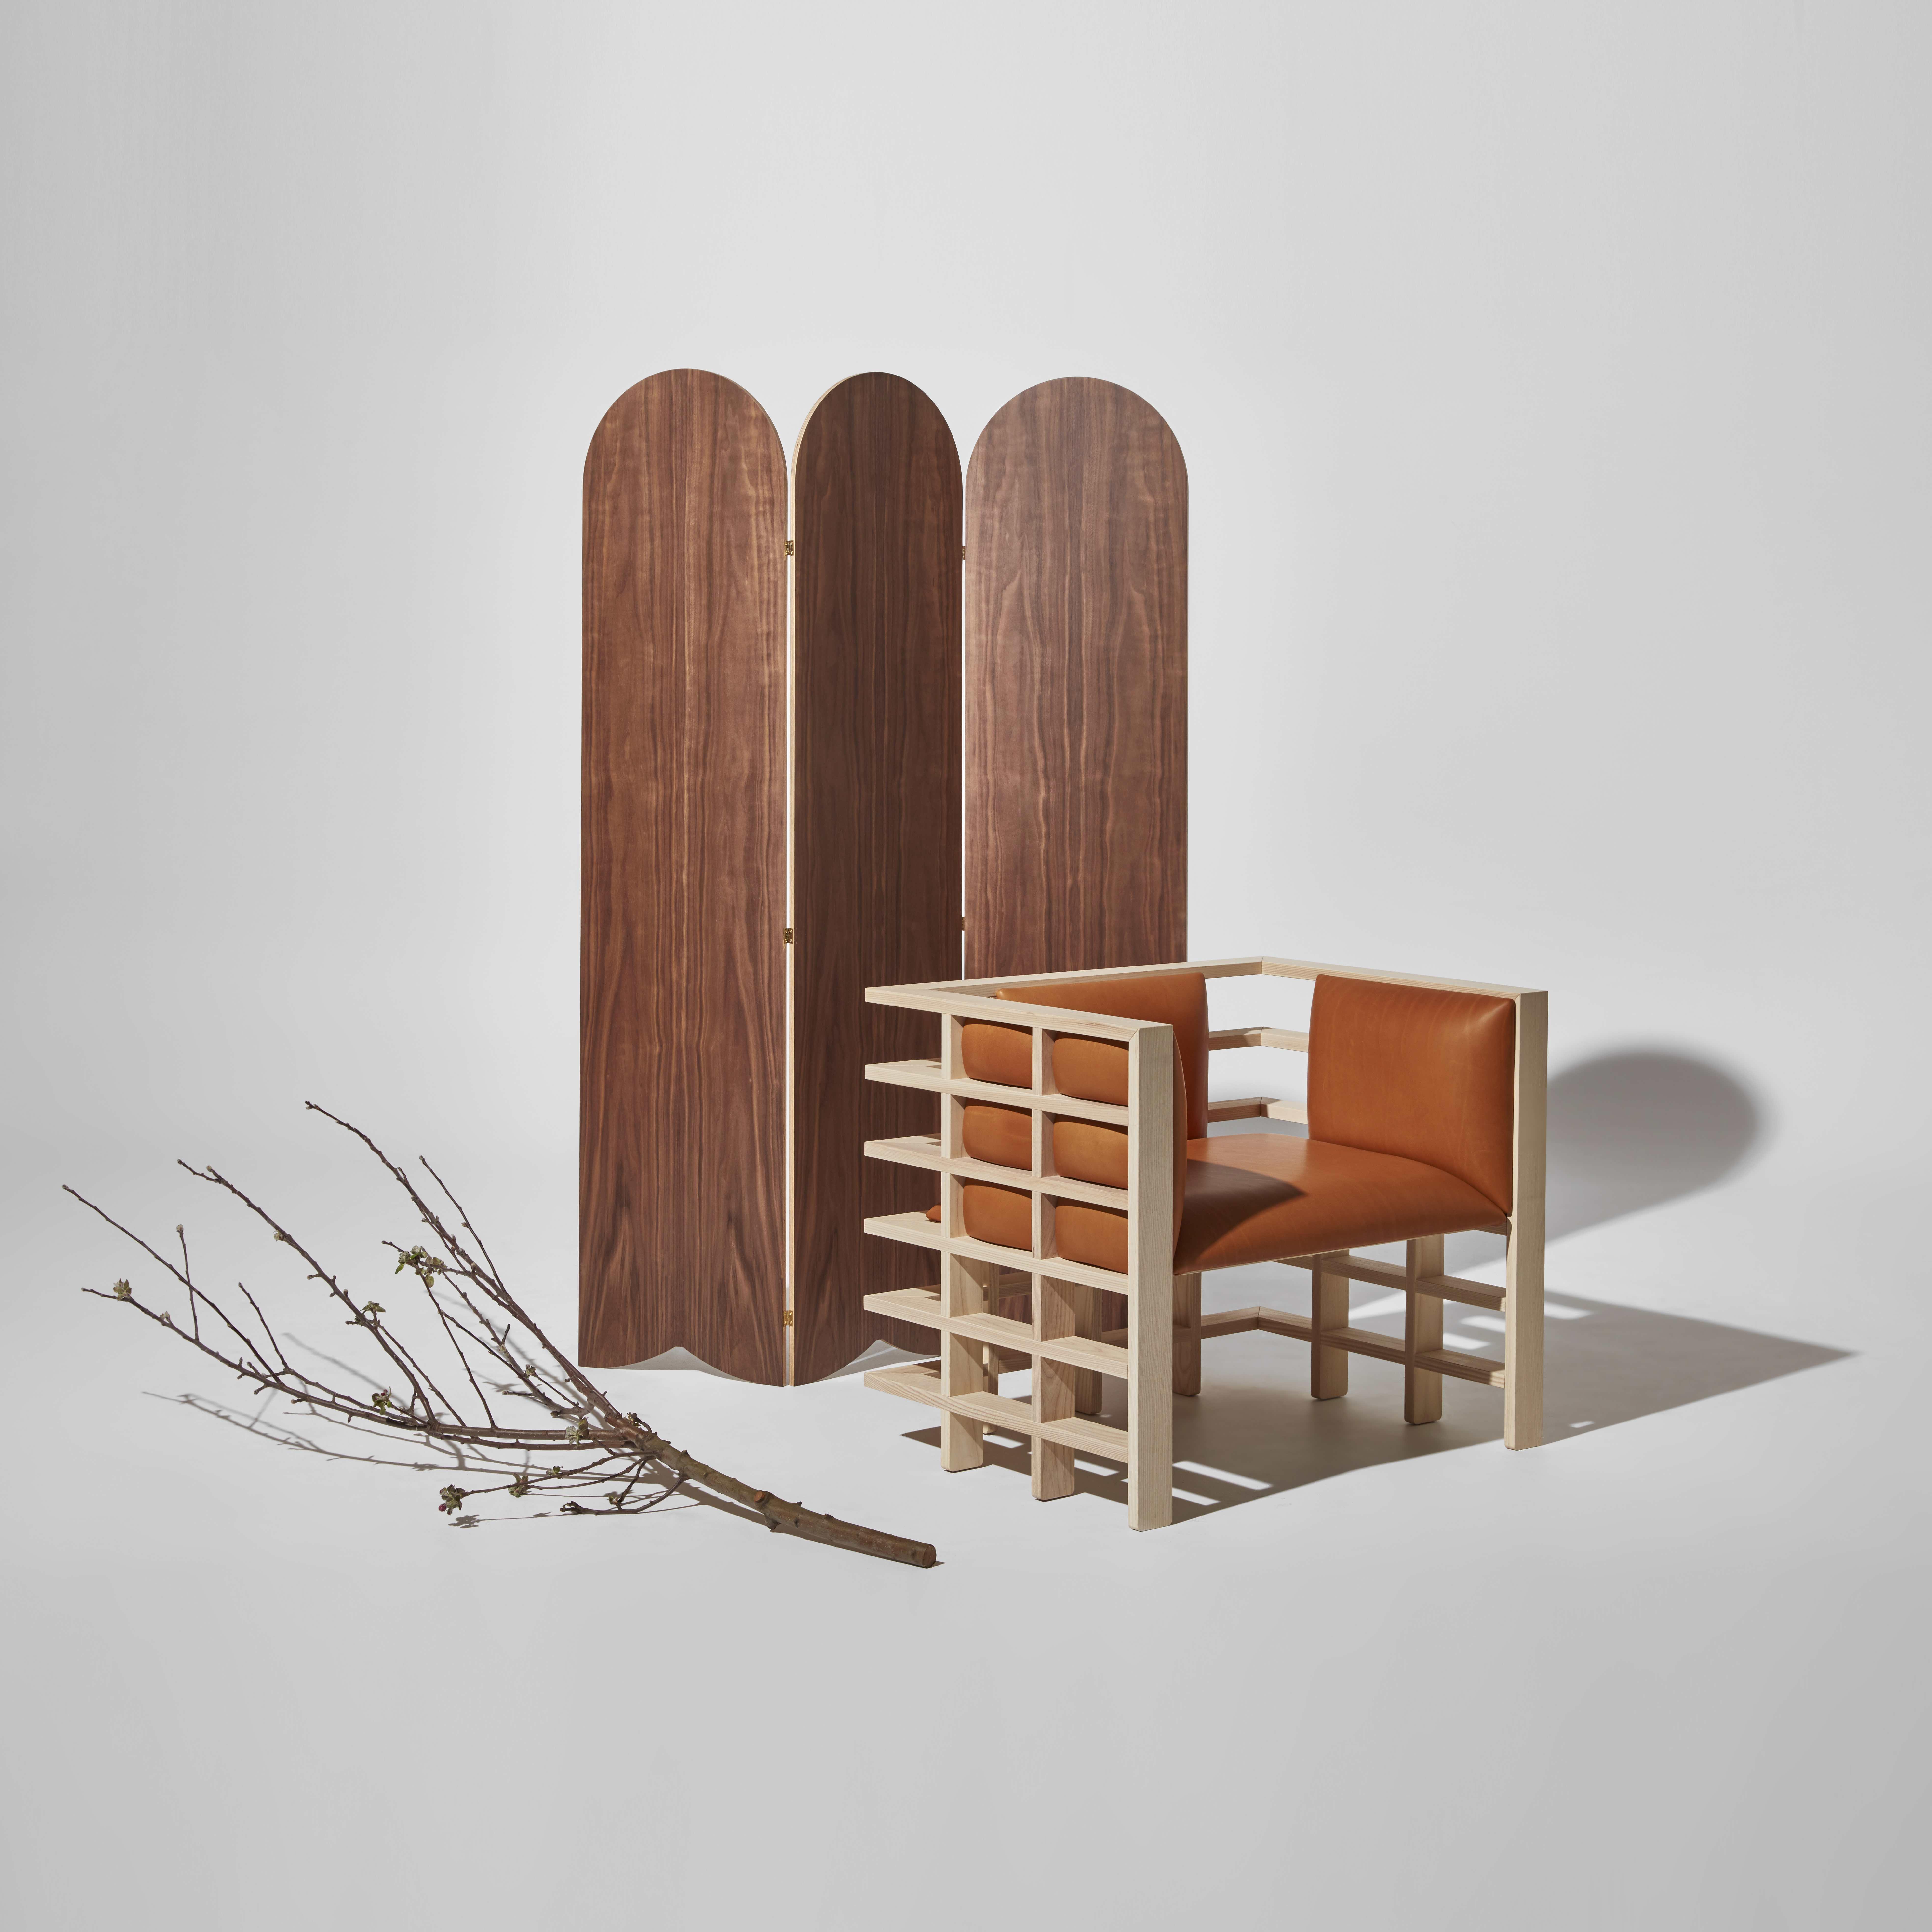 mochi-armchair-tan-picket-walnut-sqr-hr.jpg